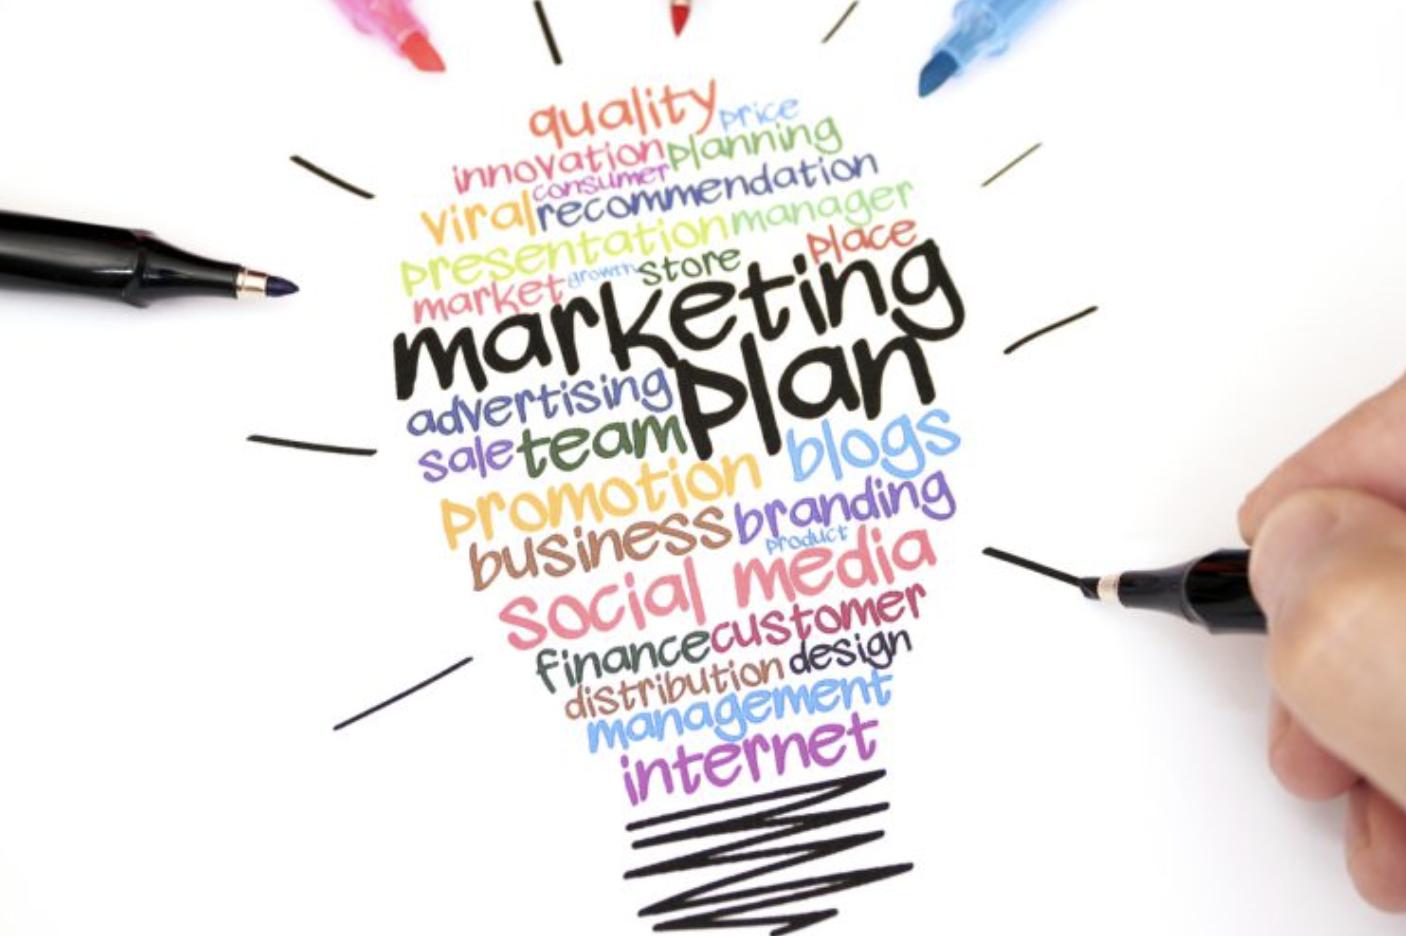 WEBでのマーケティングについて疑問解決します!